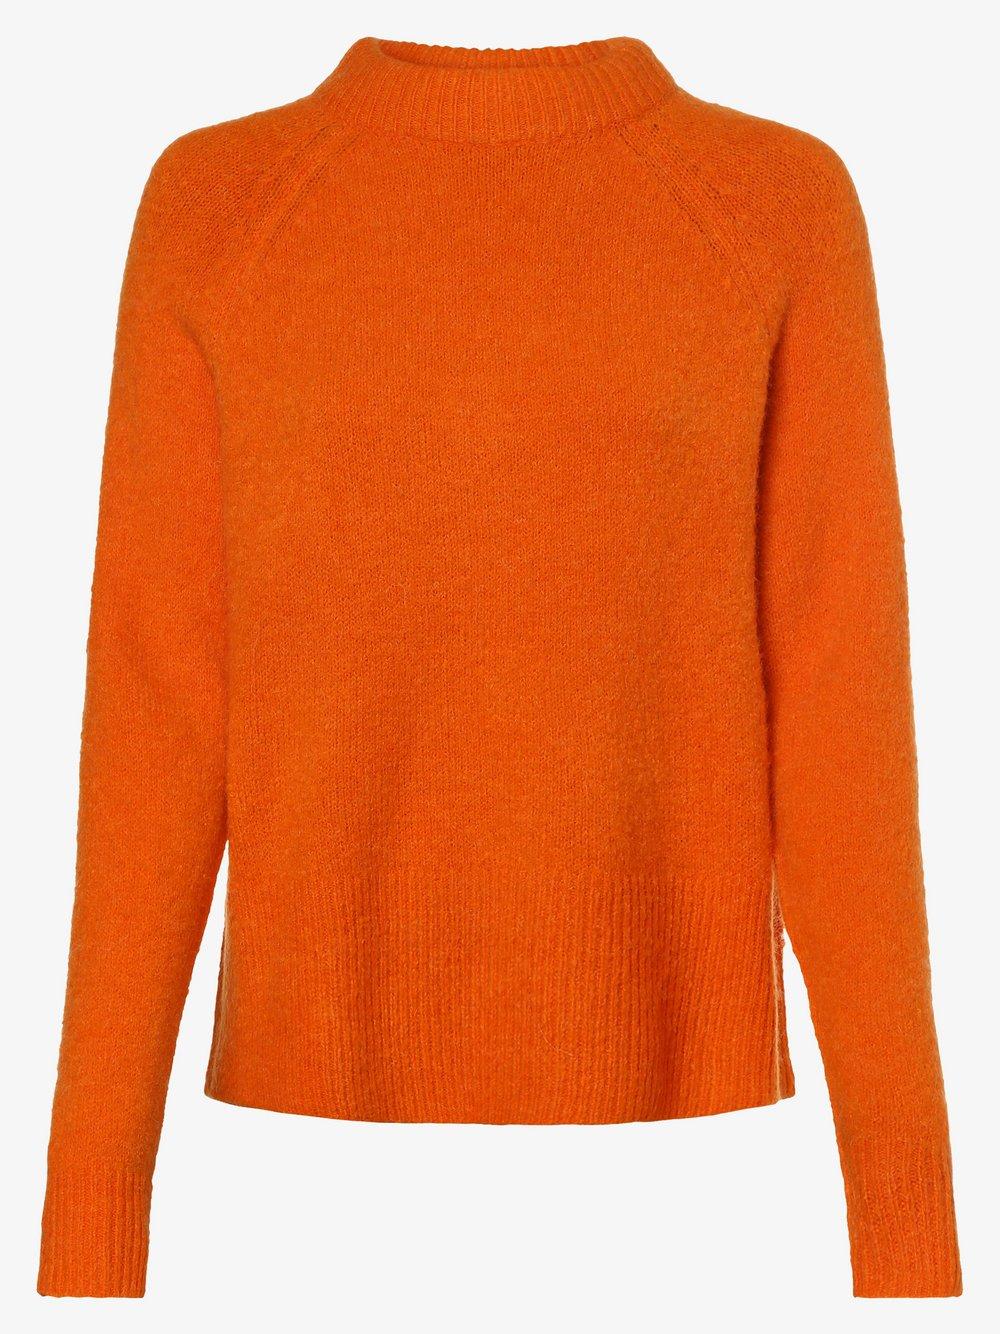 Y.A.S - Sweter damski z dodatkiem alpaki – Yasneona, pomarańczowy